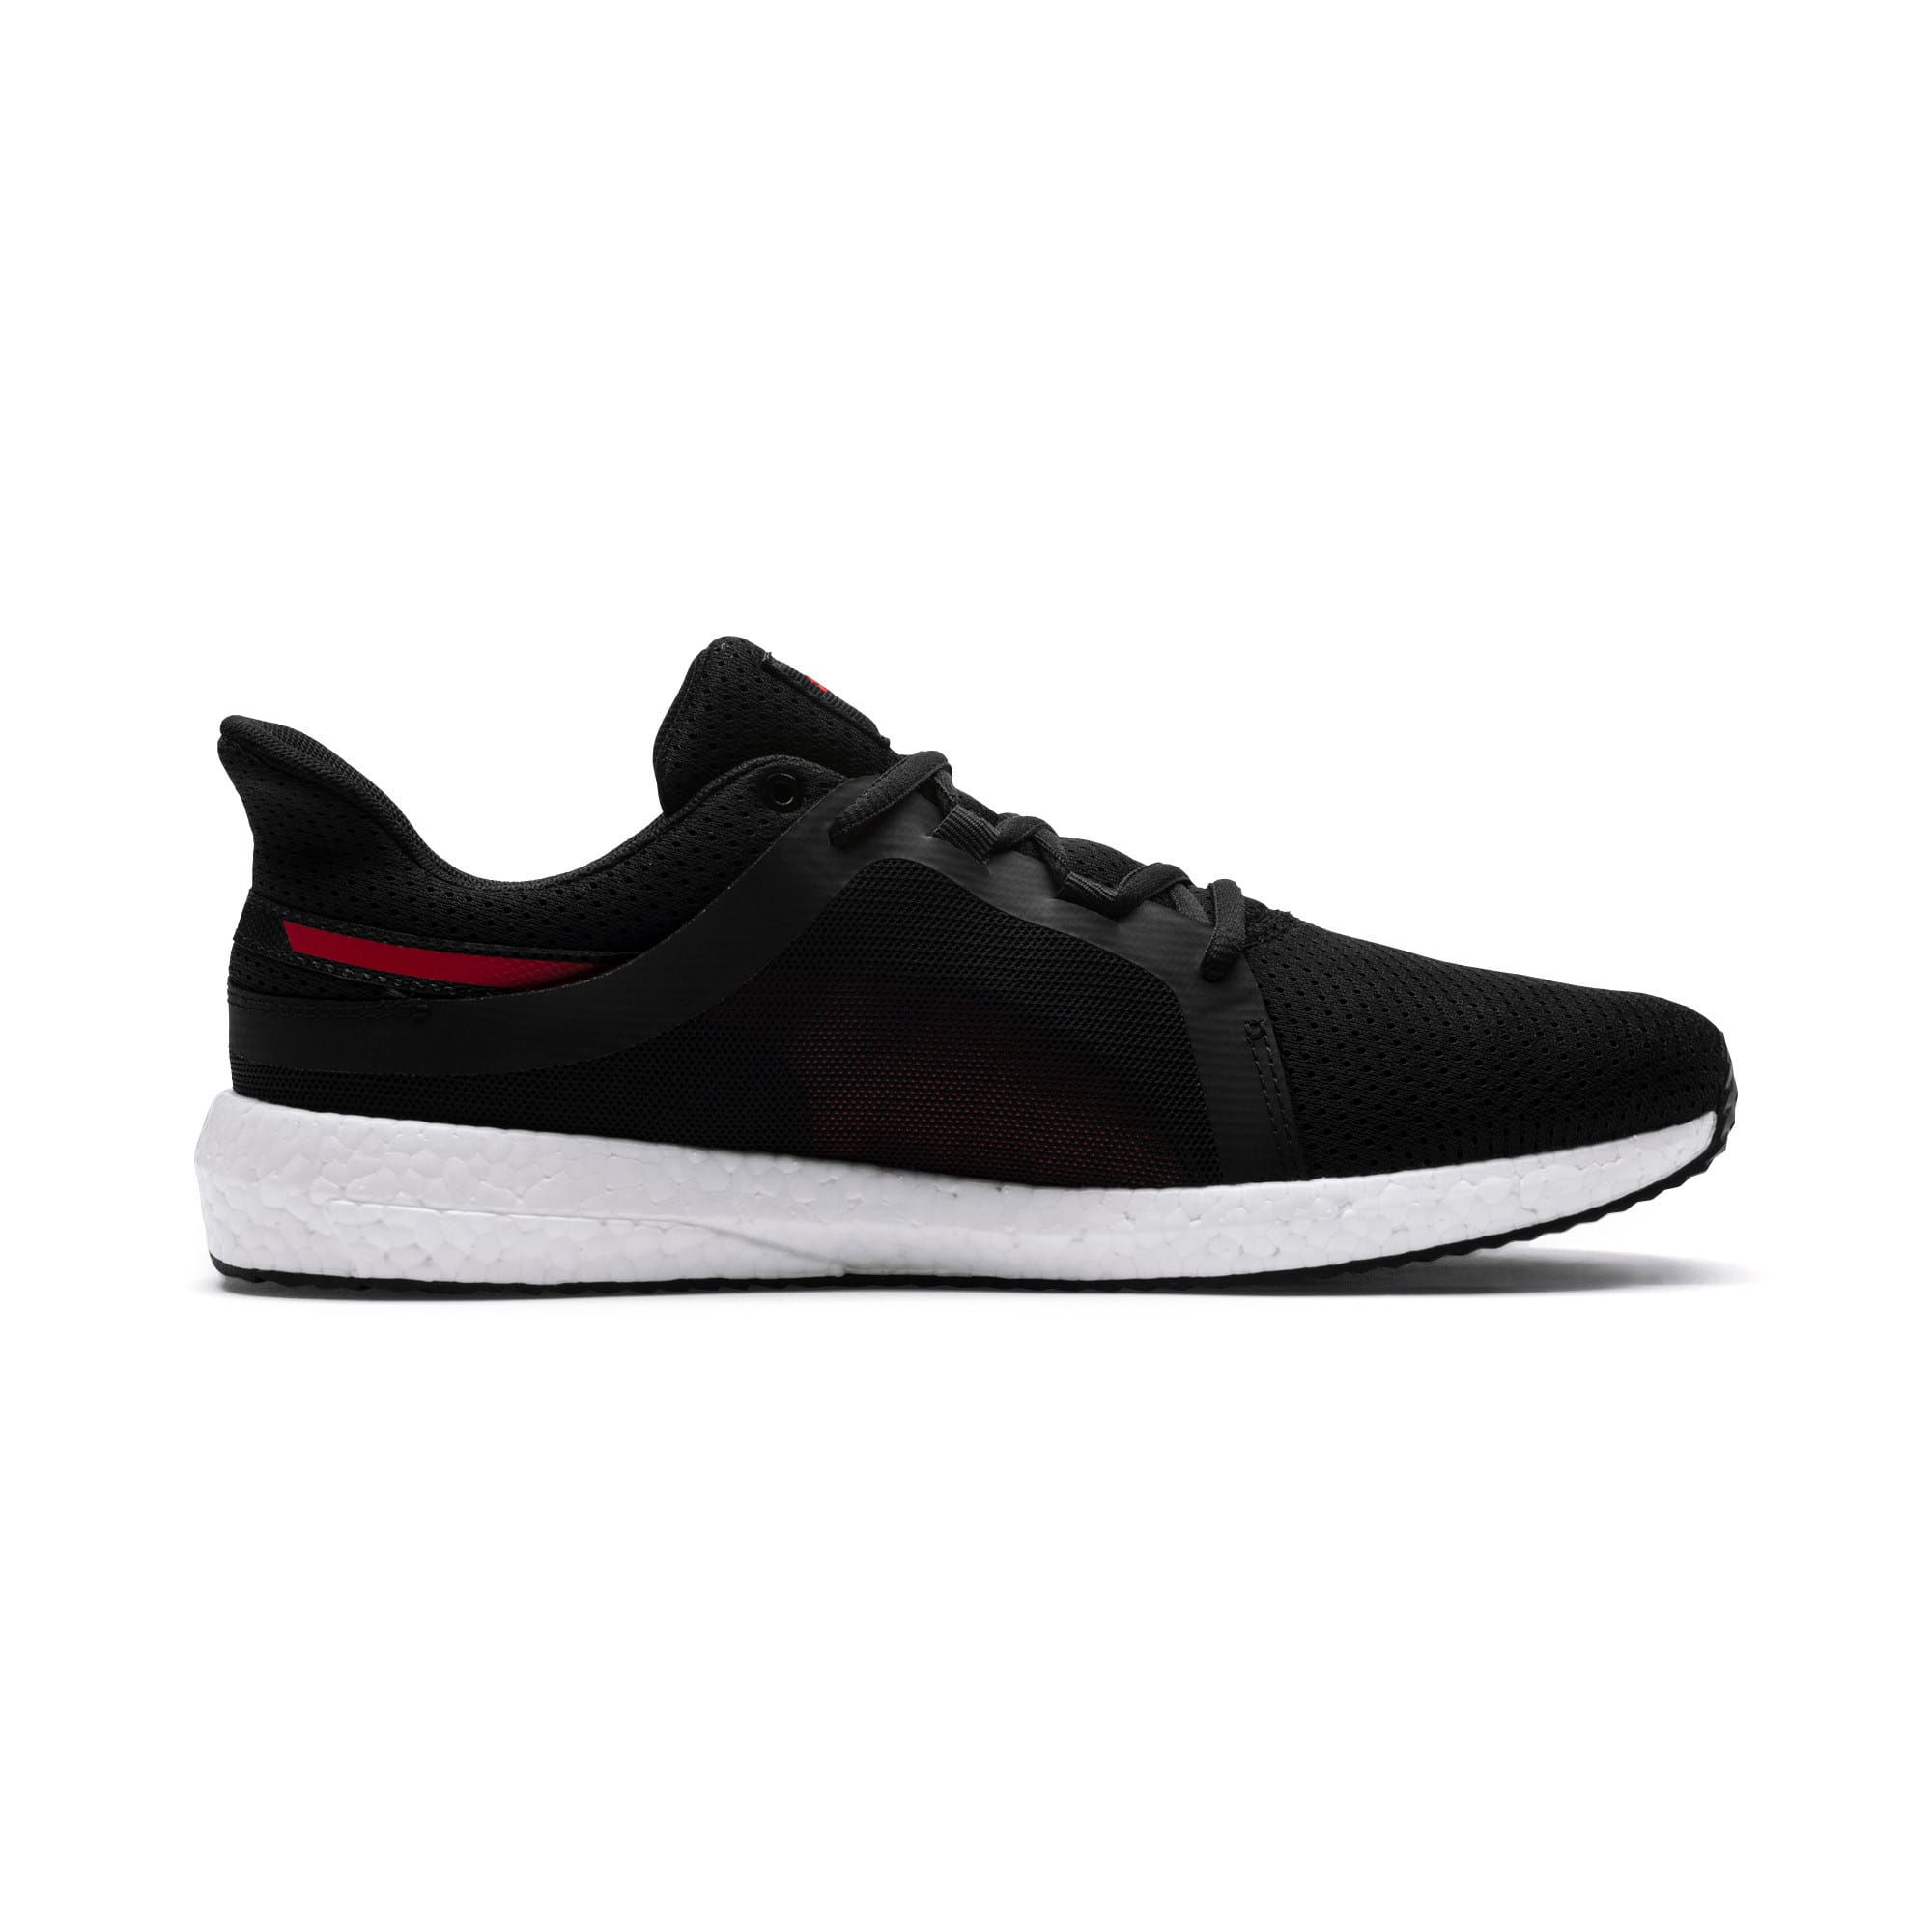 Thumbnail 5 of Mega NRGY Turbo 2 Men's Running Shoes, Puma Black-Ribbon Red, medium